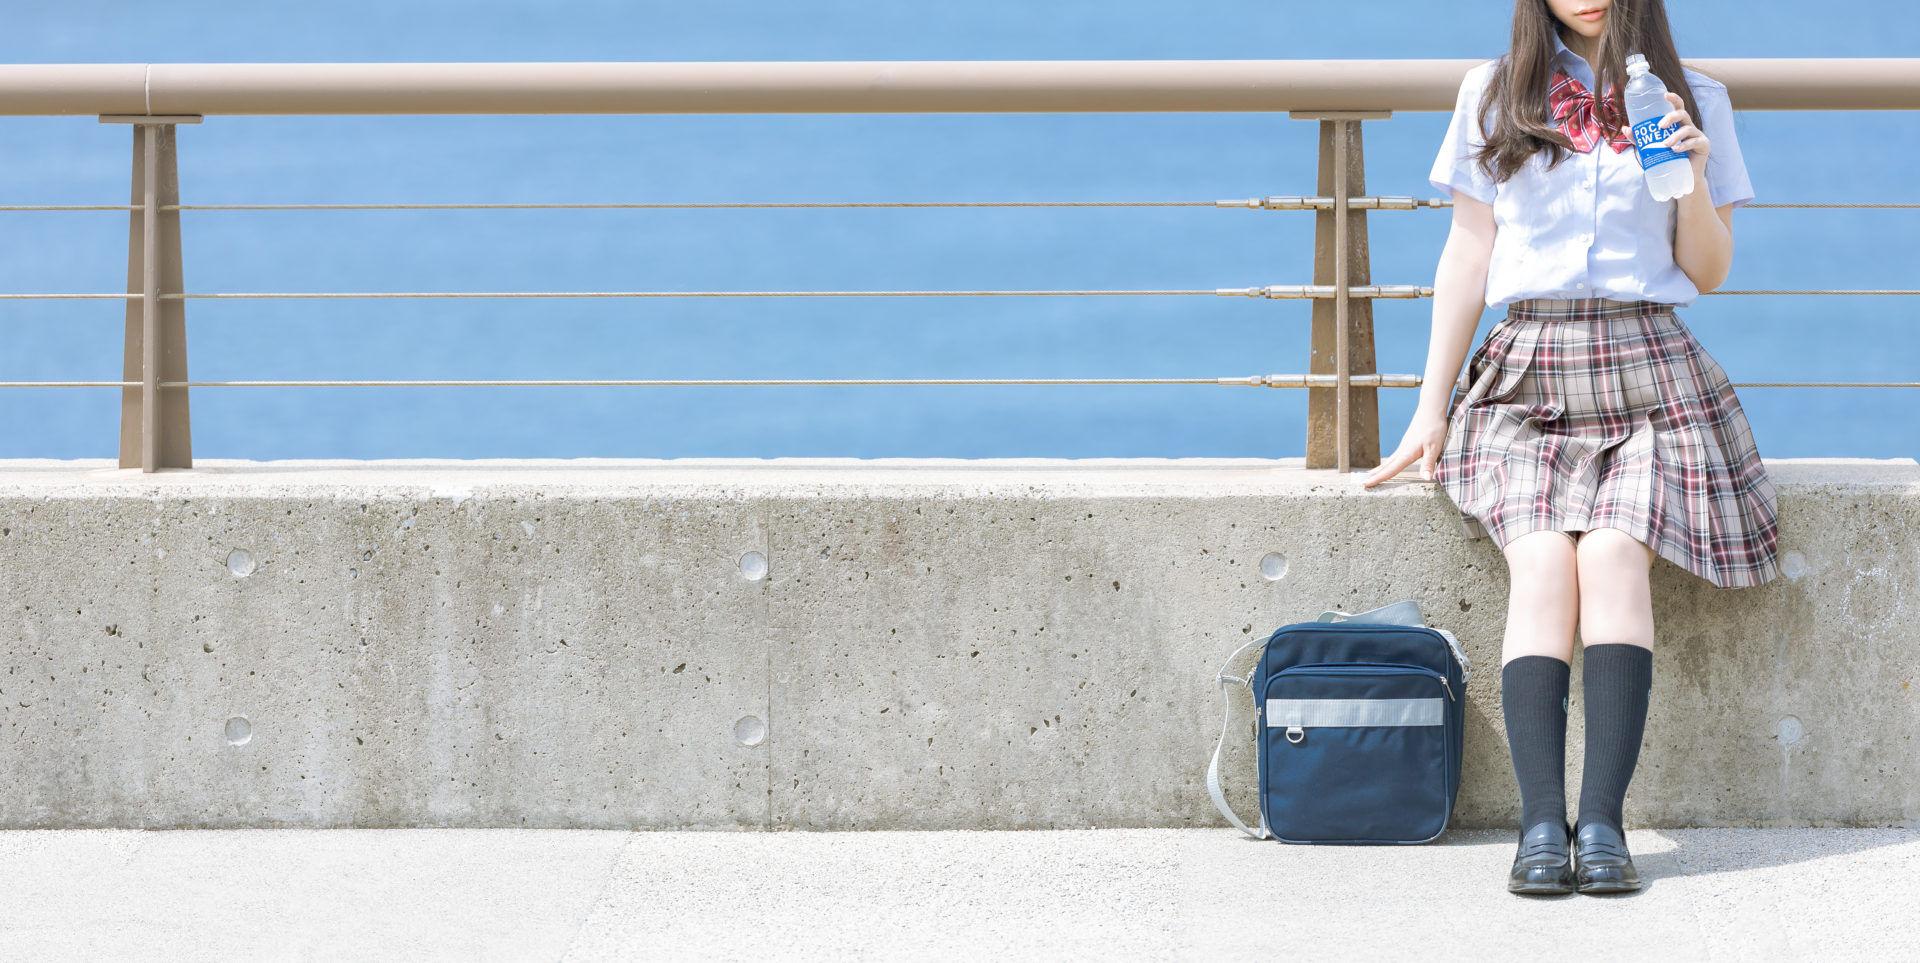 初夏にバスを待つ高校3年生